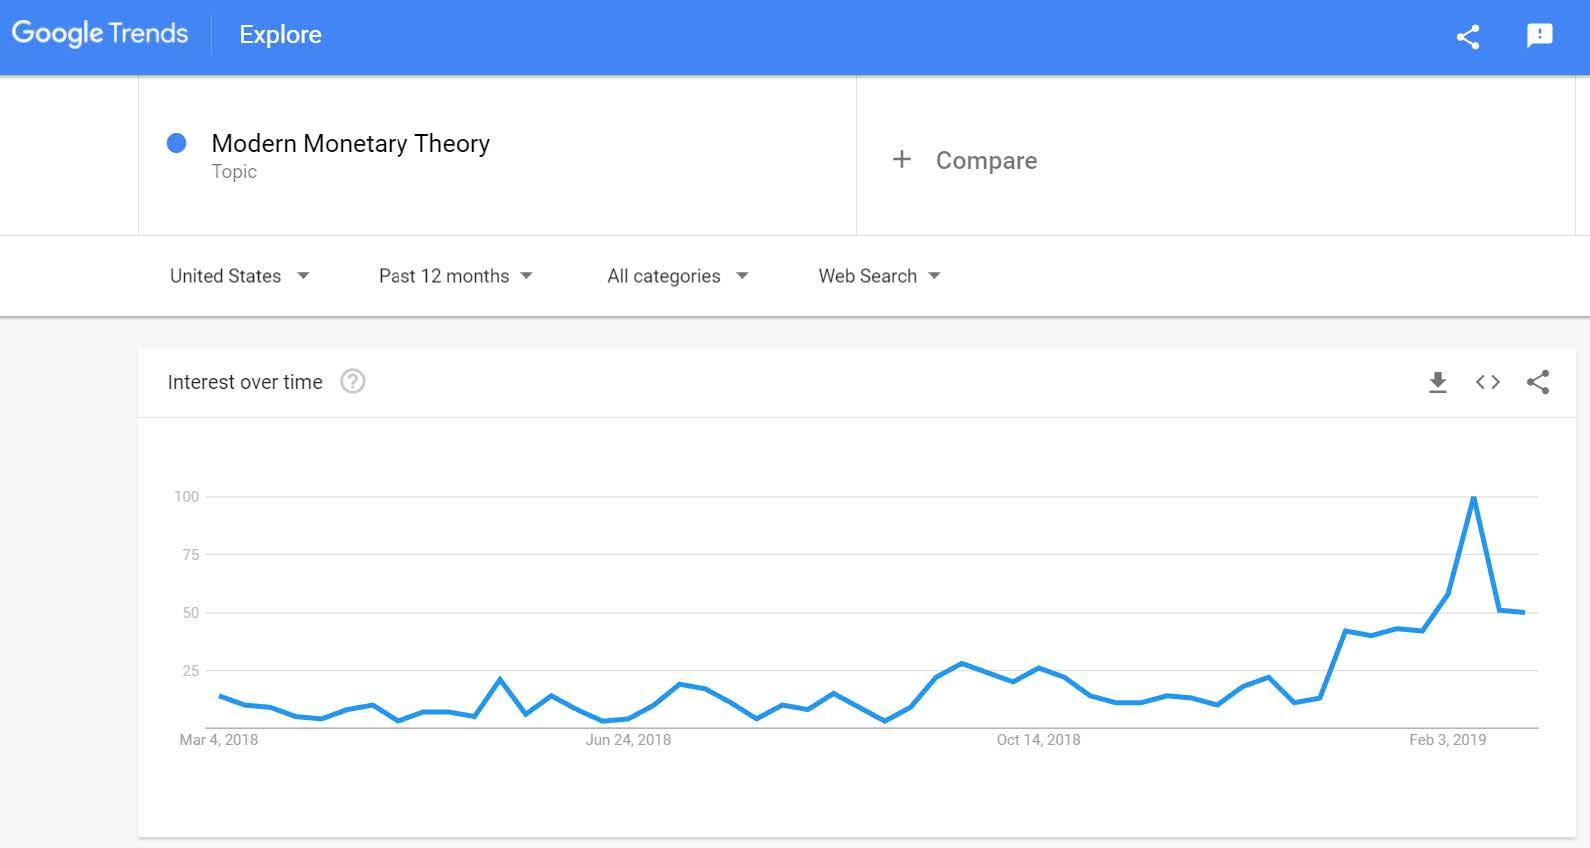 Source: Google Trends.